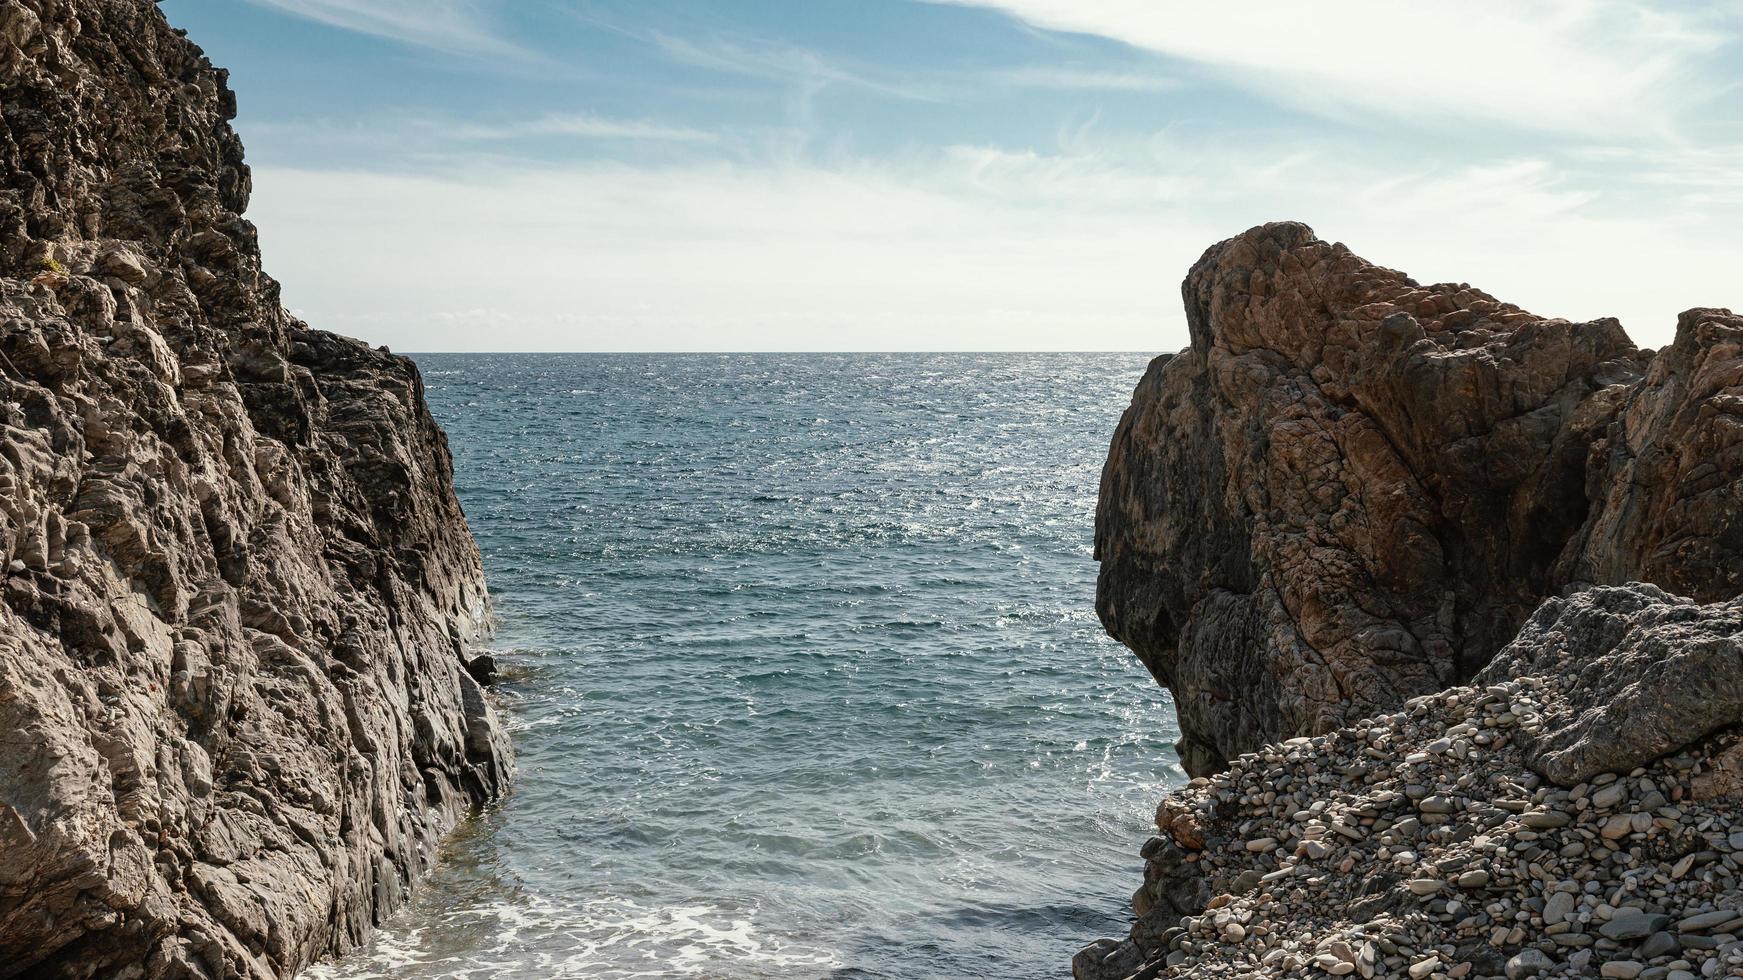 falaises sur l'océan photo